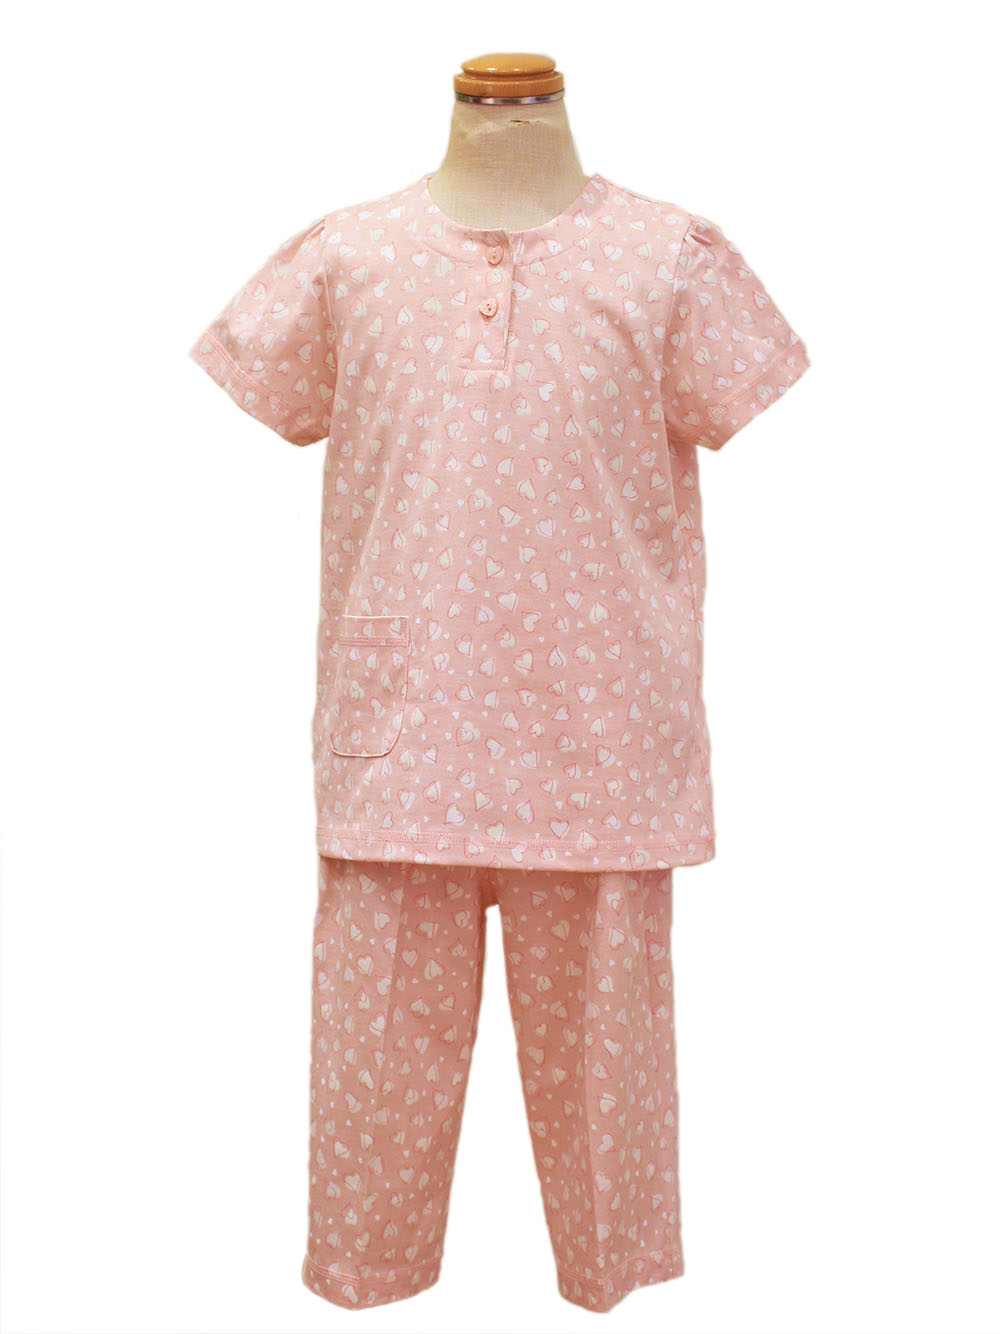 光るパジャマ ハート柄(半袖、七分パンツ)